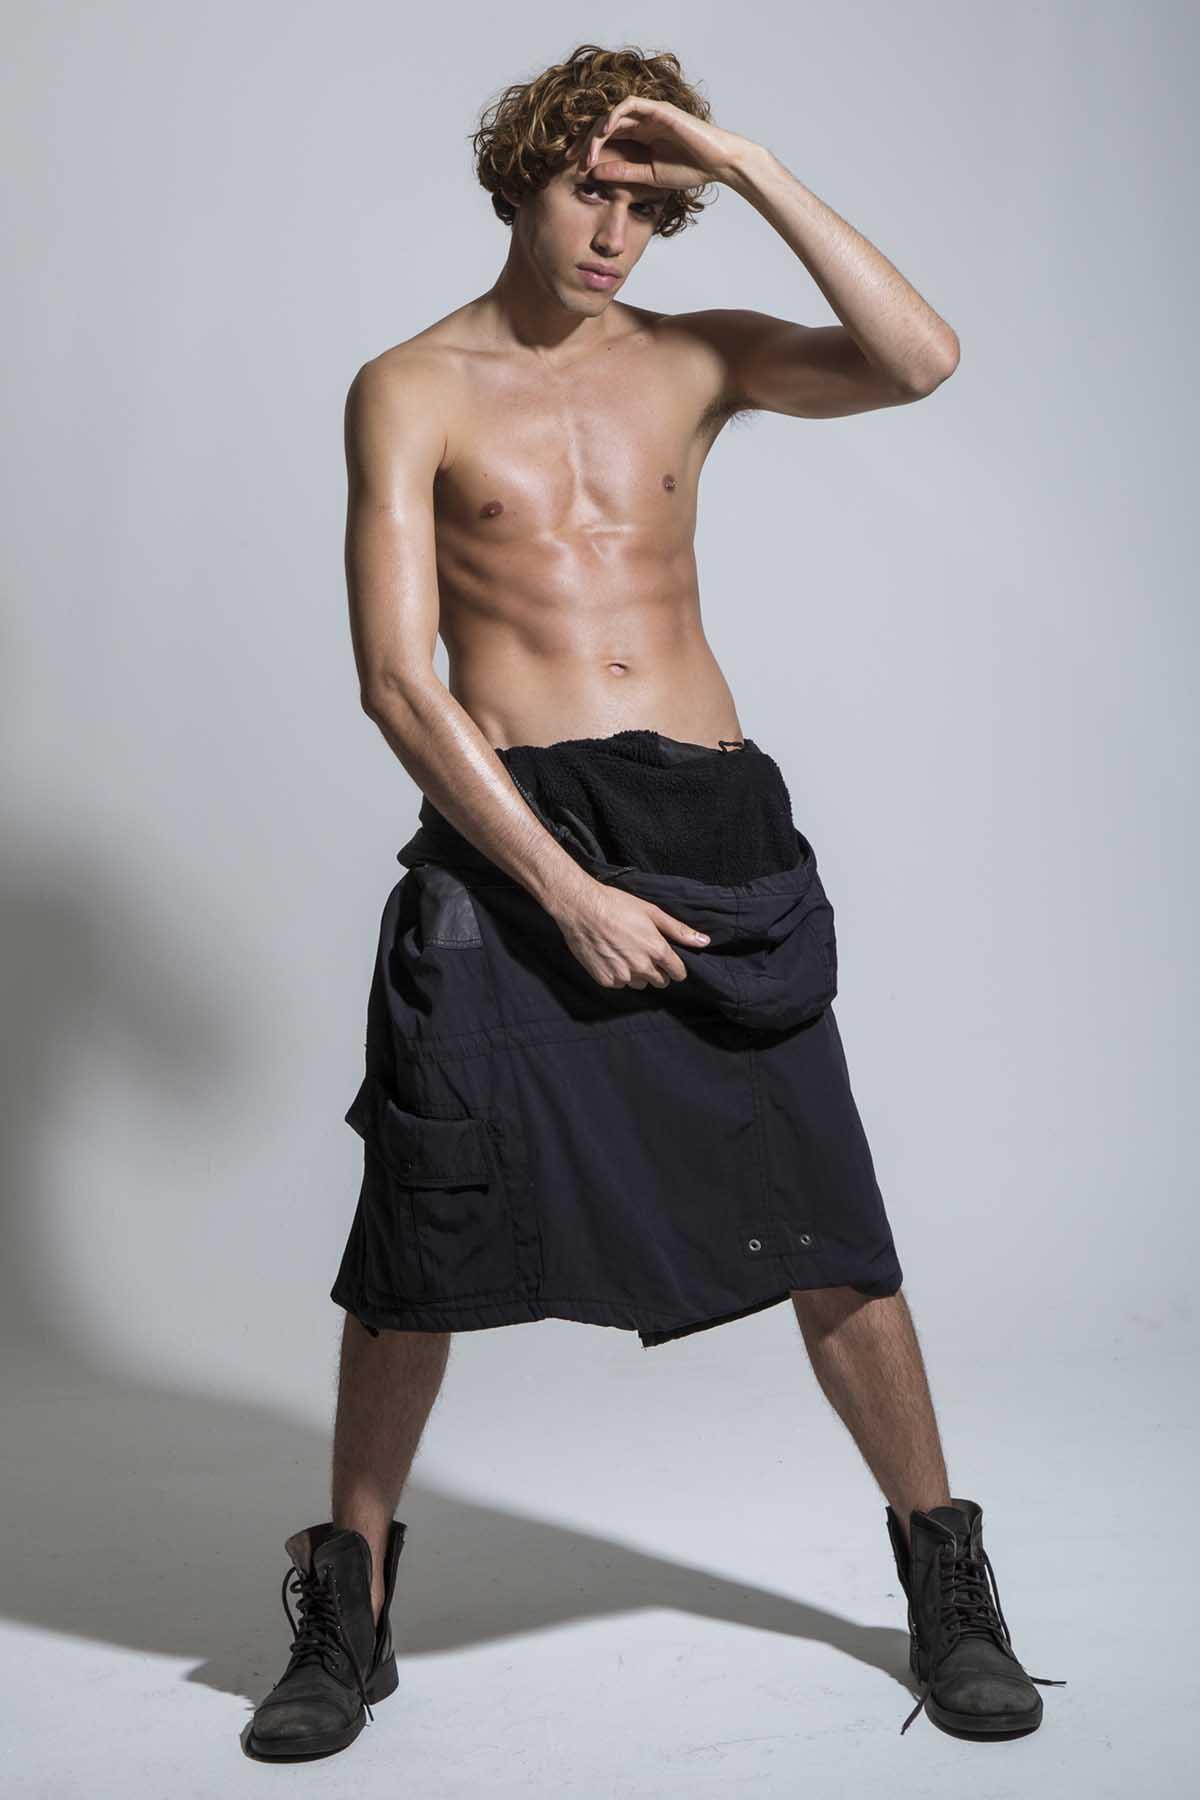 Eduardo Galeoni by Marcio Honorato for Brazilian Male Model